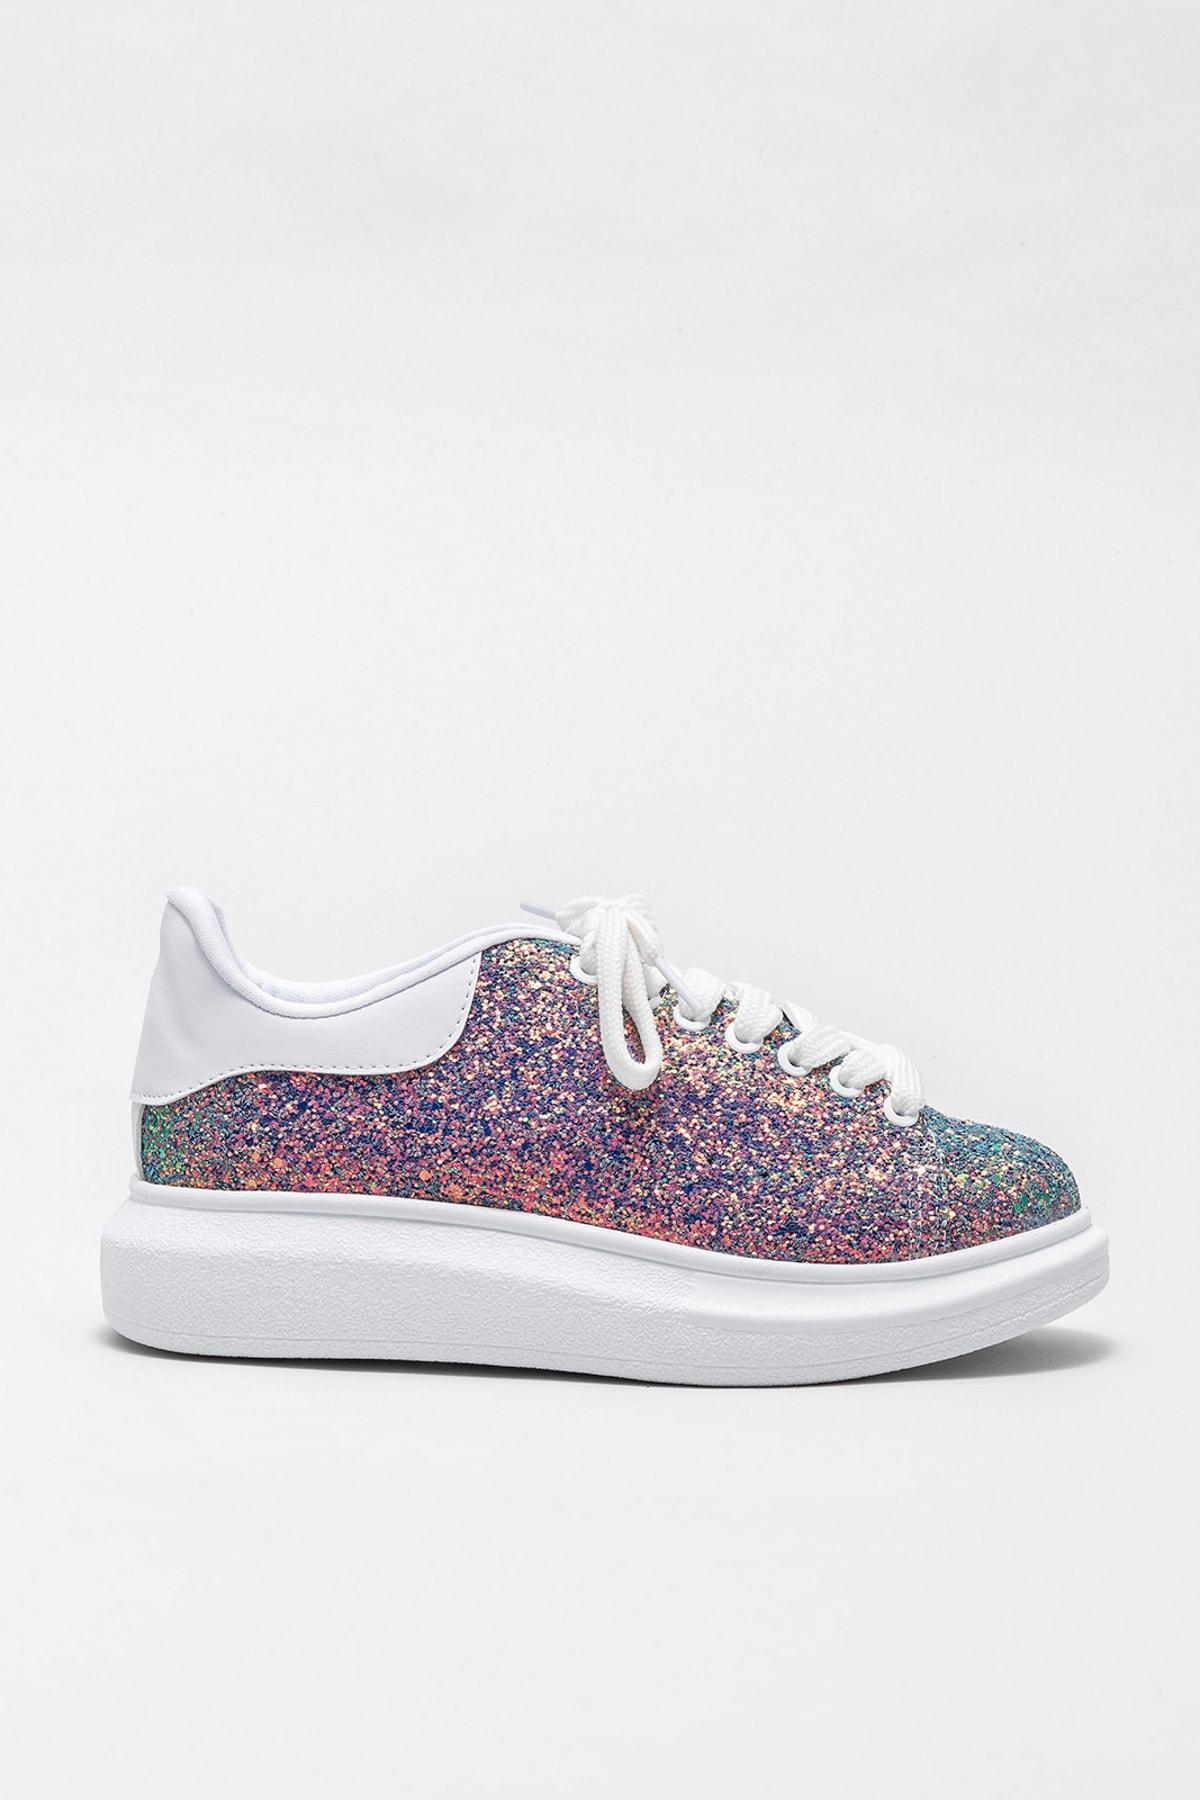 Elle Shoes ZANDA-2 Yesıl Gliter Kadın Casual Ayakkabı 1